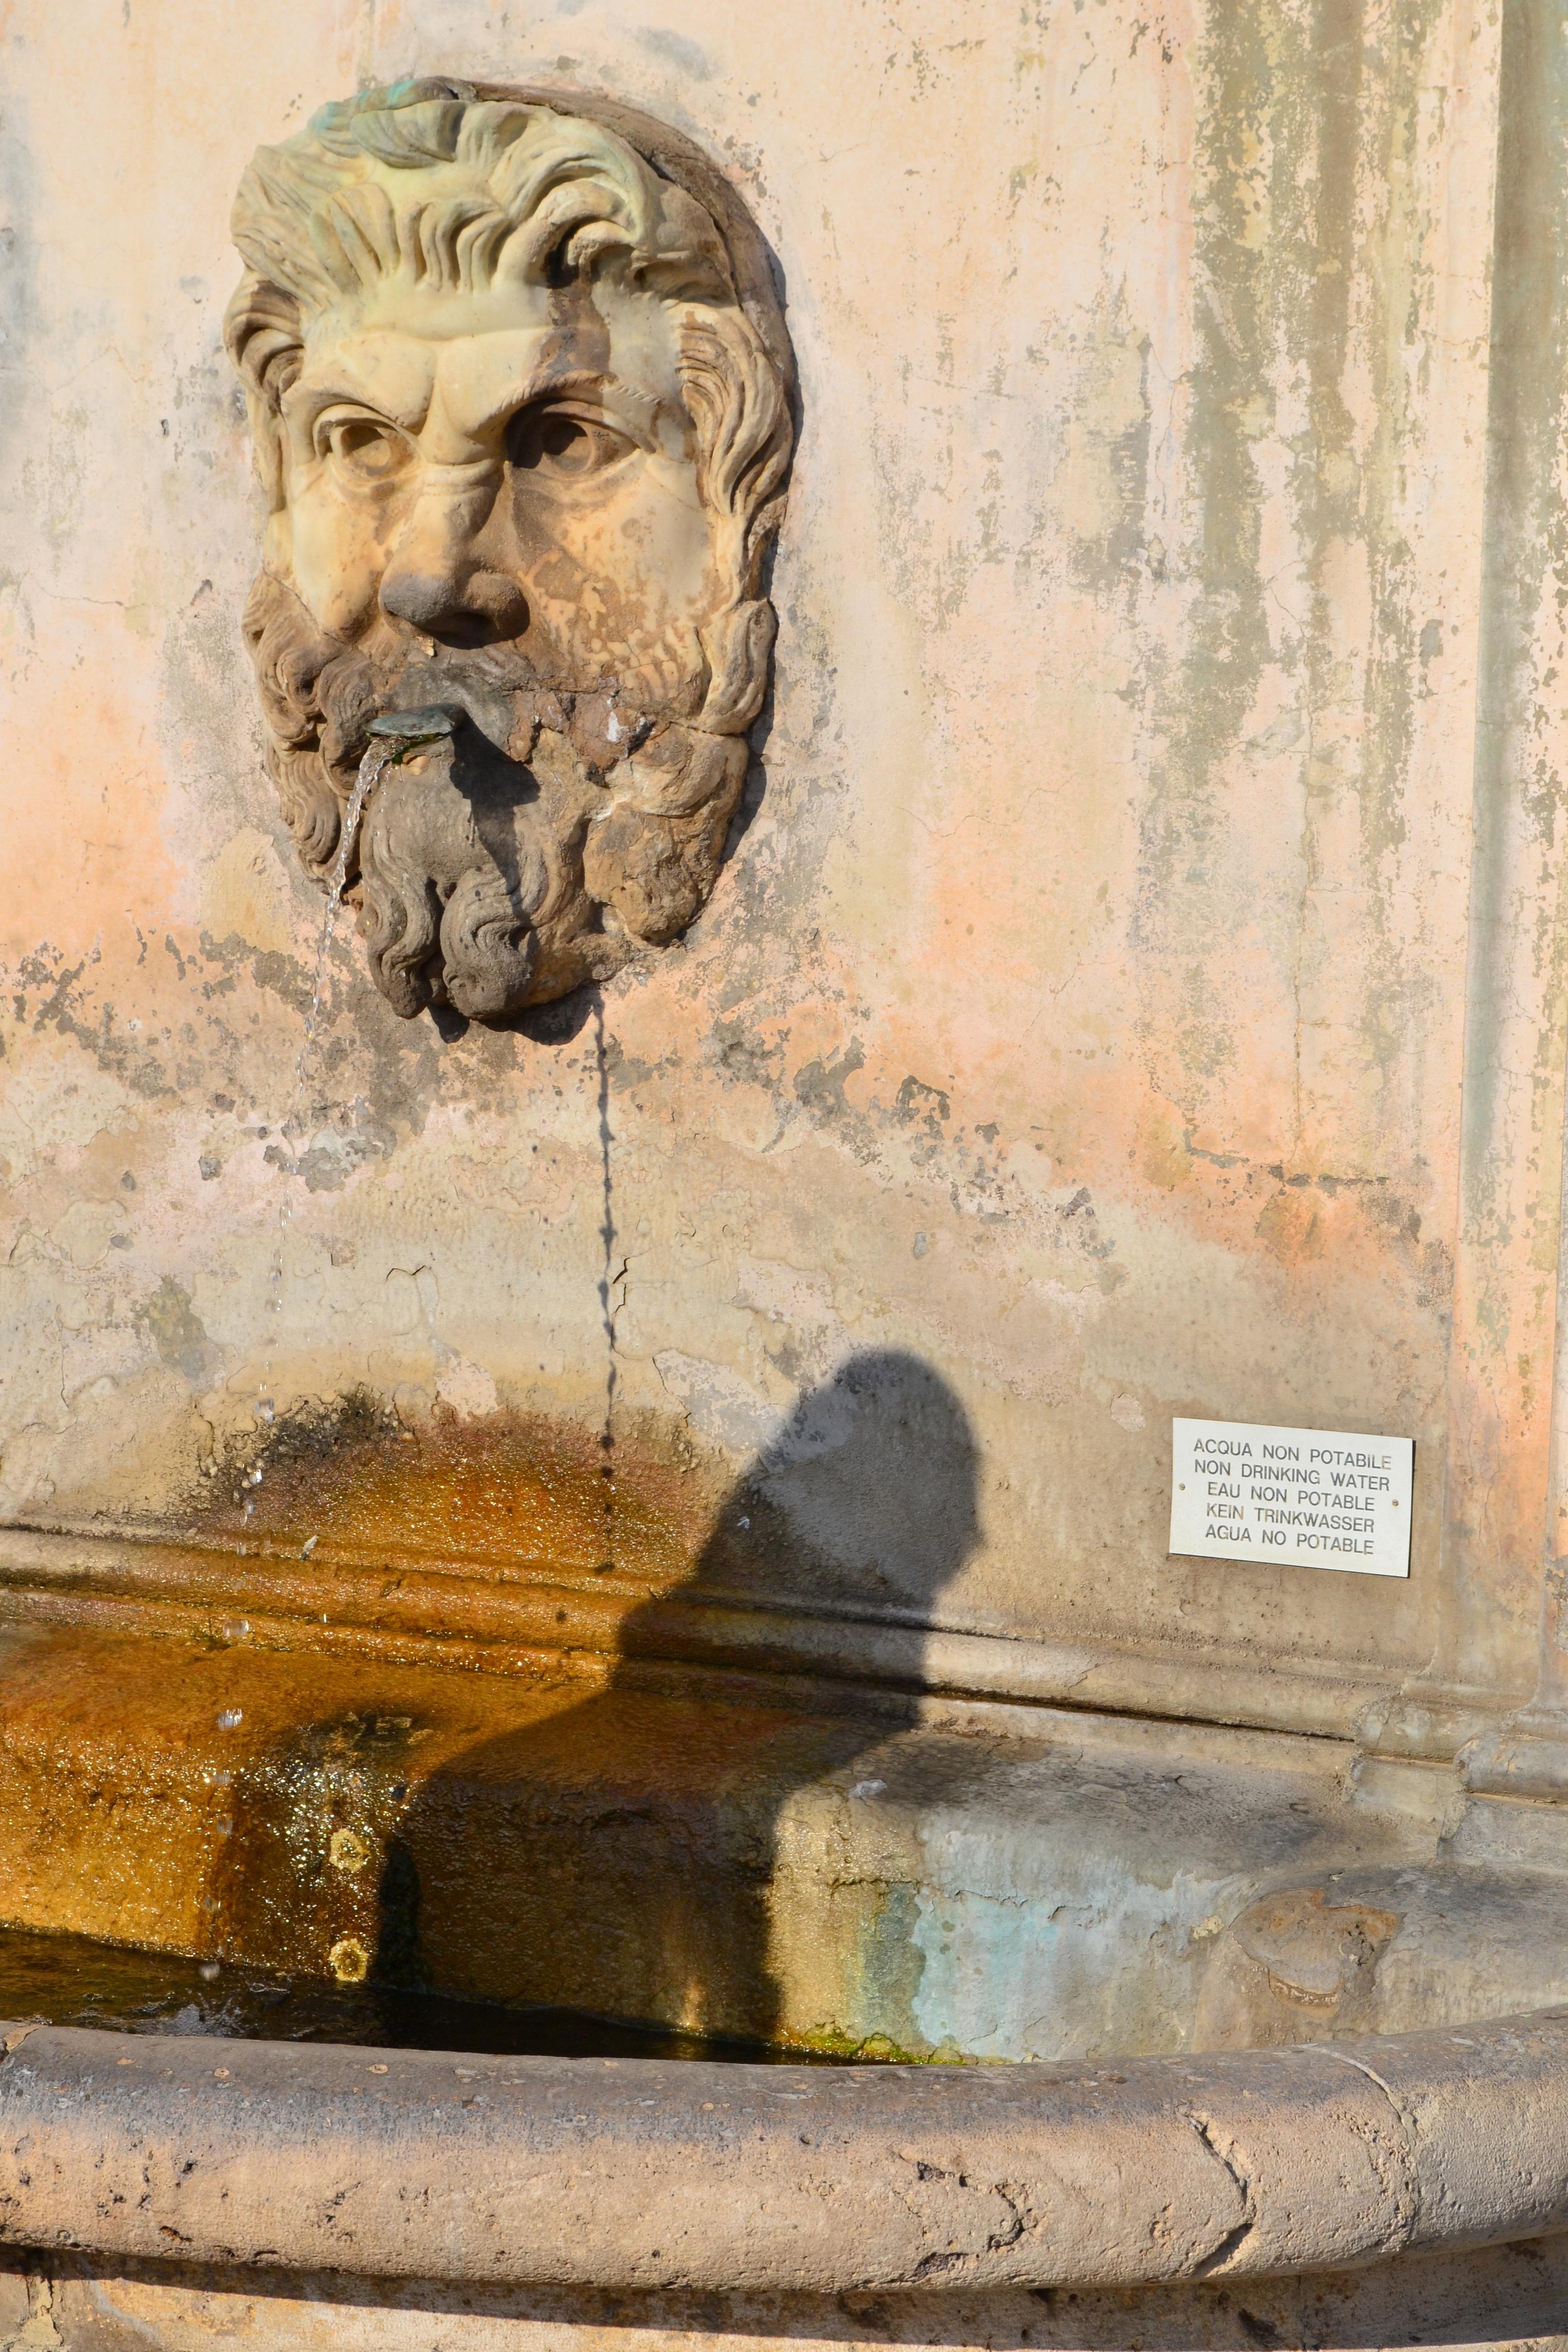 Fotoğraf Duvar Heykel Italya Boyama Heykel Sanat Roma